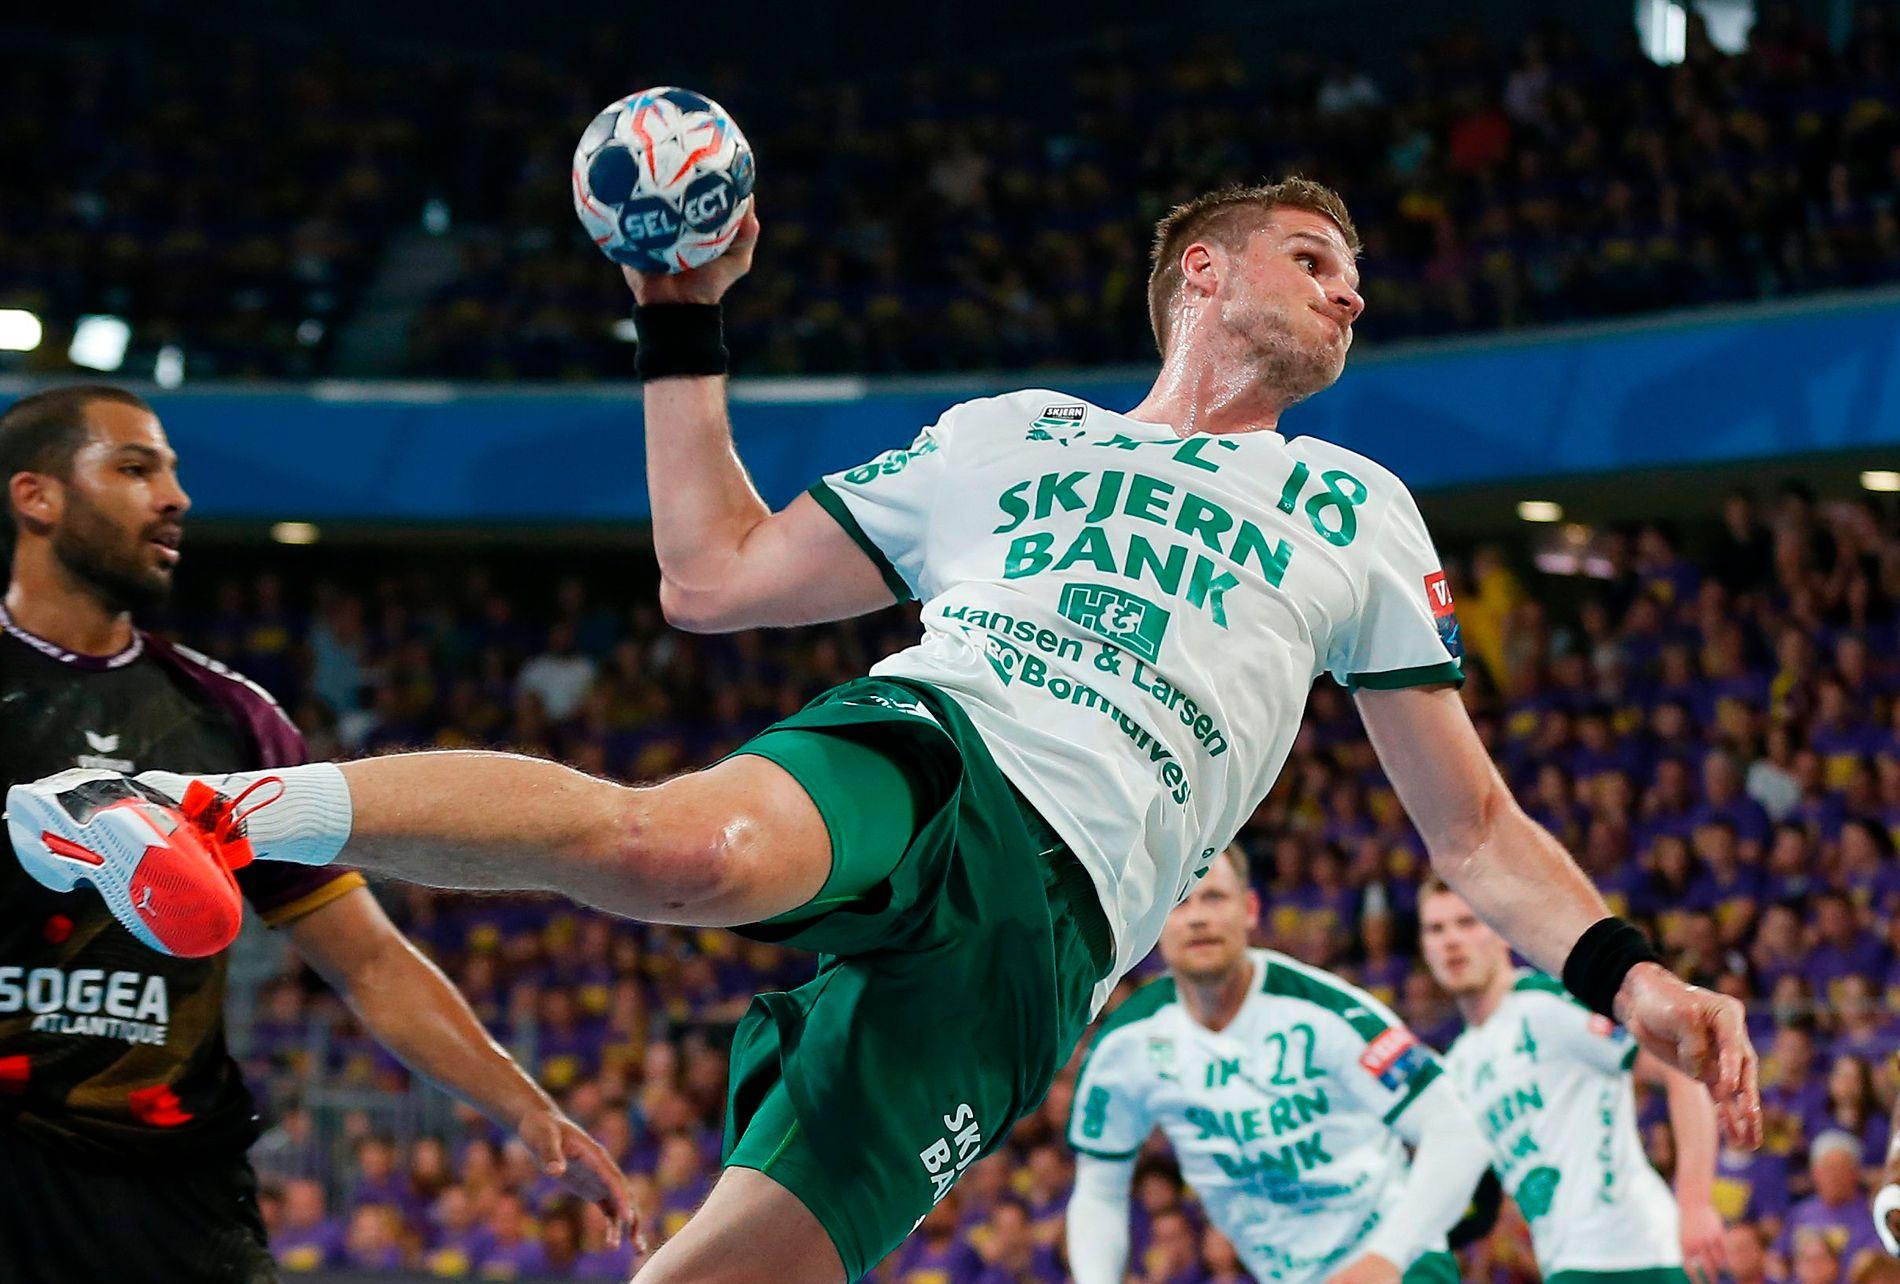 DANSK MESTER: Bjarte Myrhol vant det danske mesterskapet sammen med Eivind Tangen og Skjern. Bildet er fra Champions League-møtet med Nantes tidligere i sesongen.